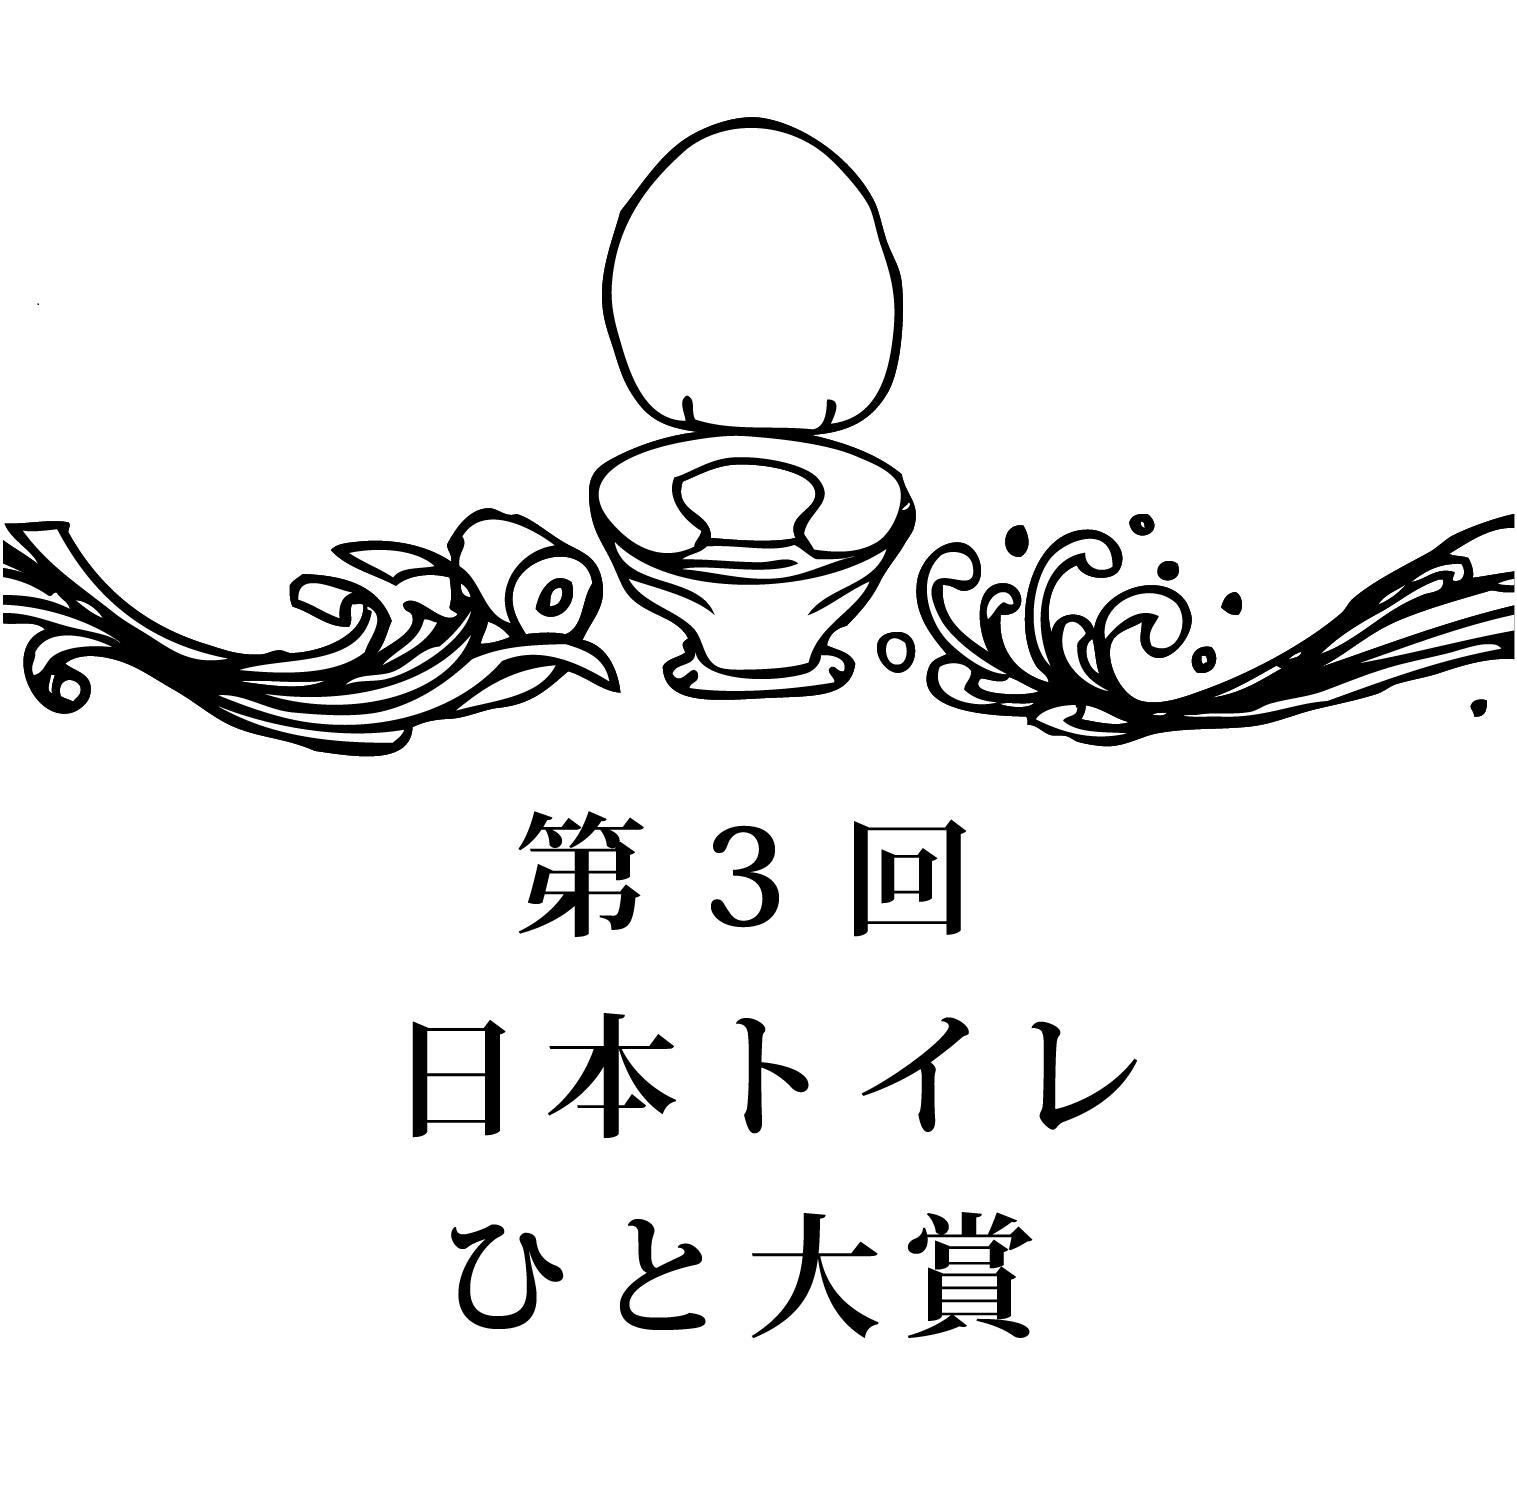 第3回日本トイレひと大賞